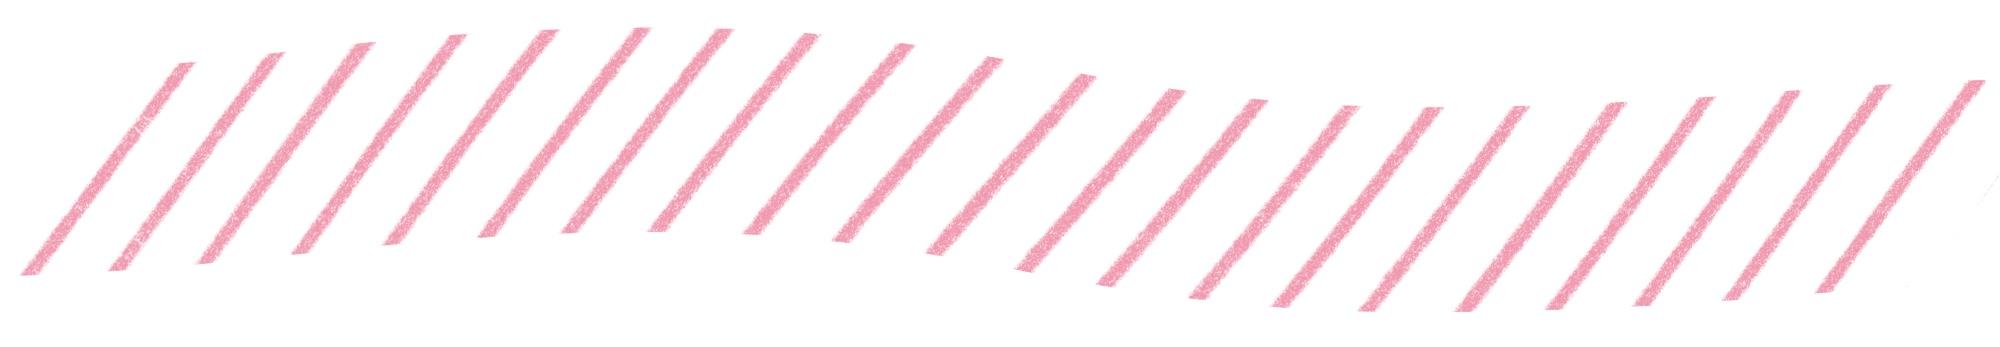 linky_sikme_2